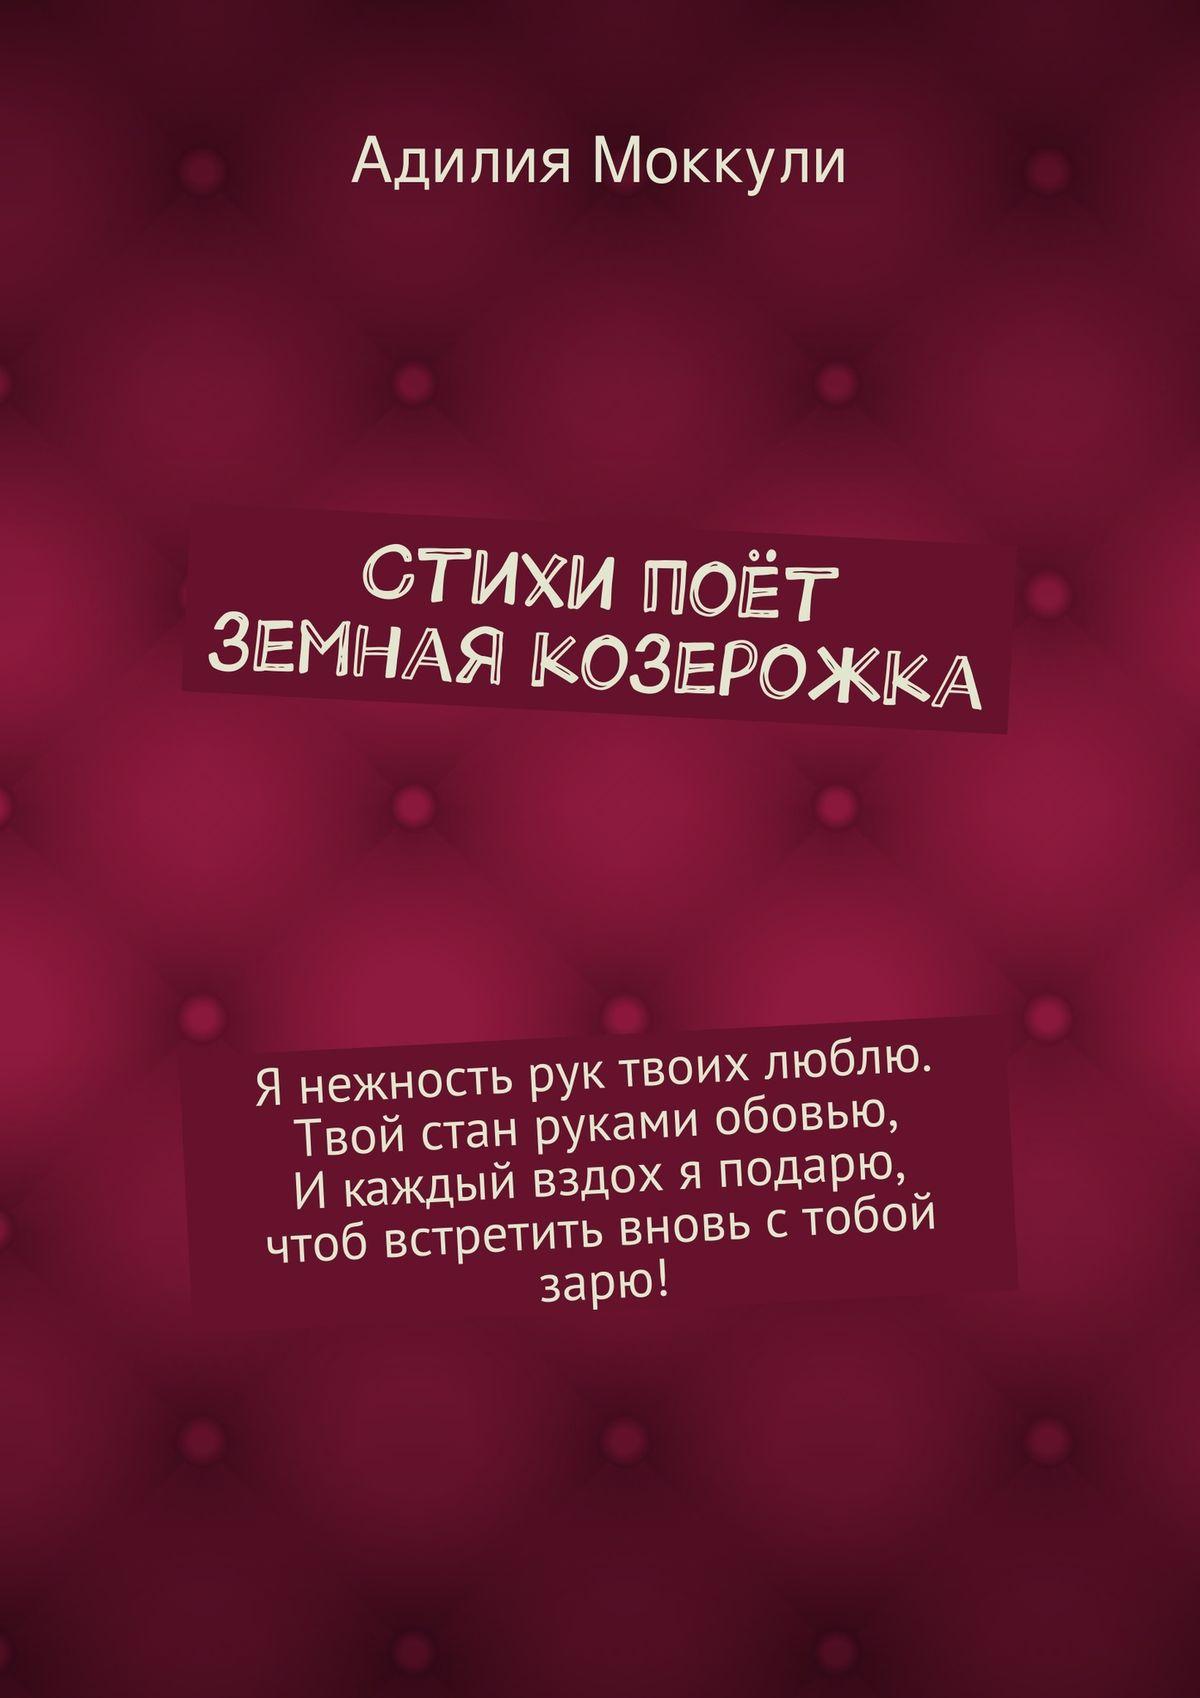 Адилия Моккули Стихи поёт земная козерожка адилия моккули хорошо на руси…